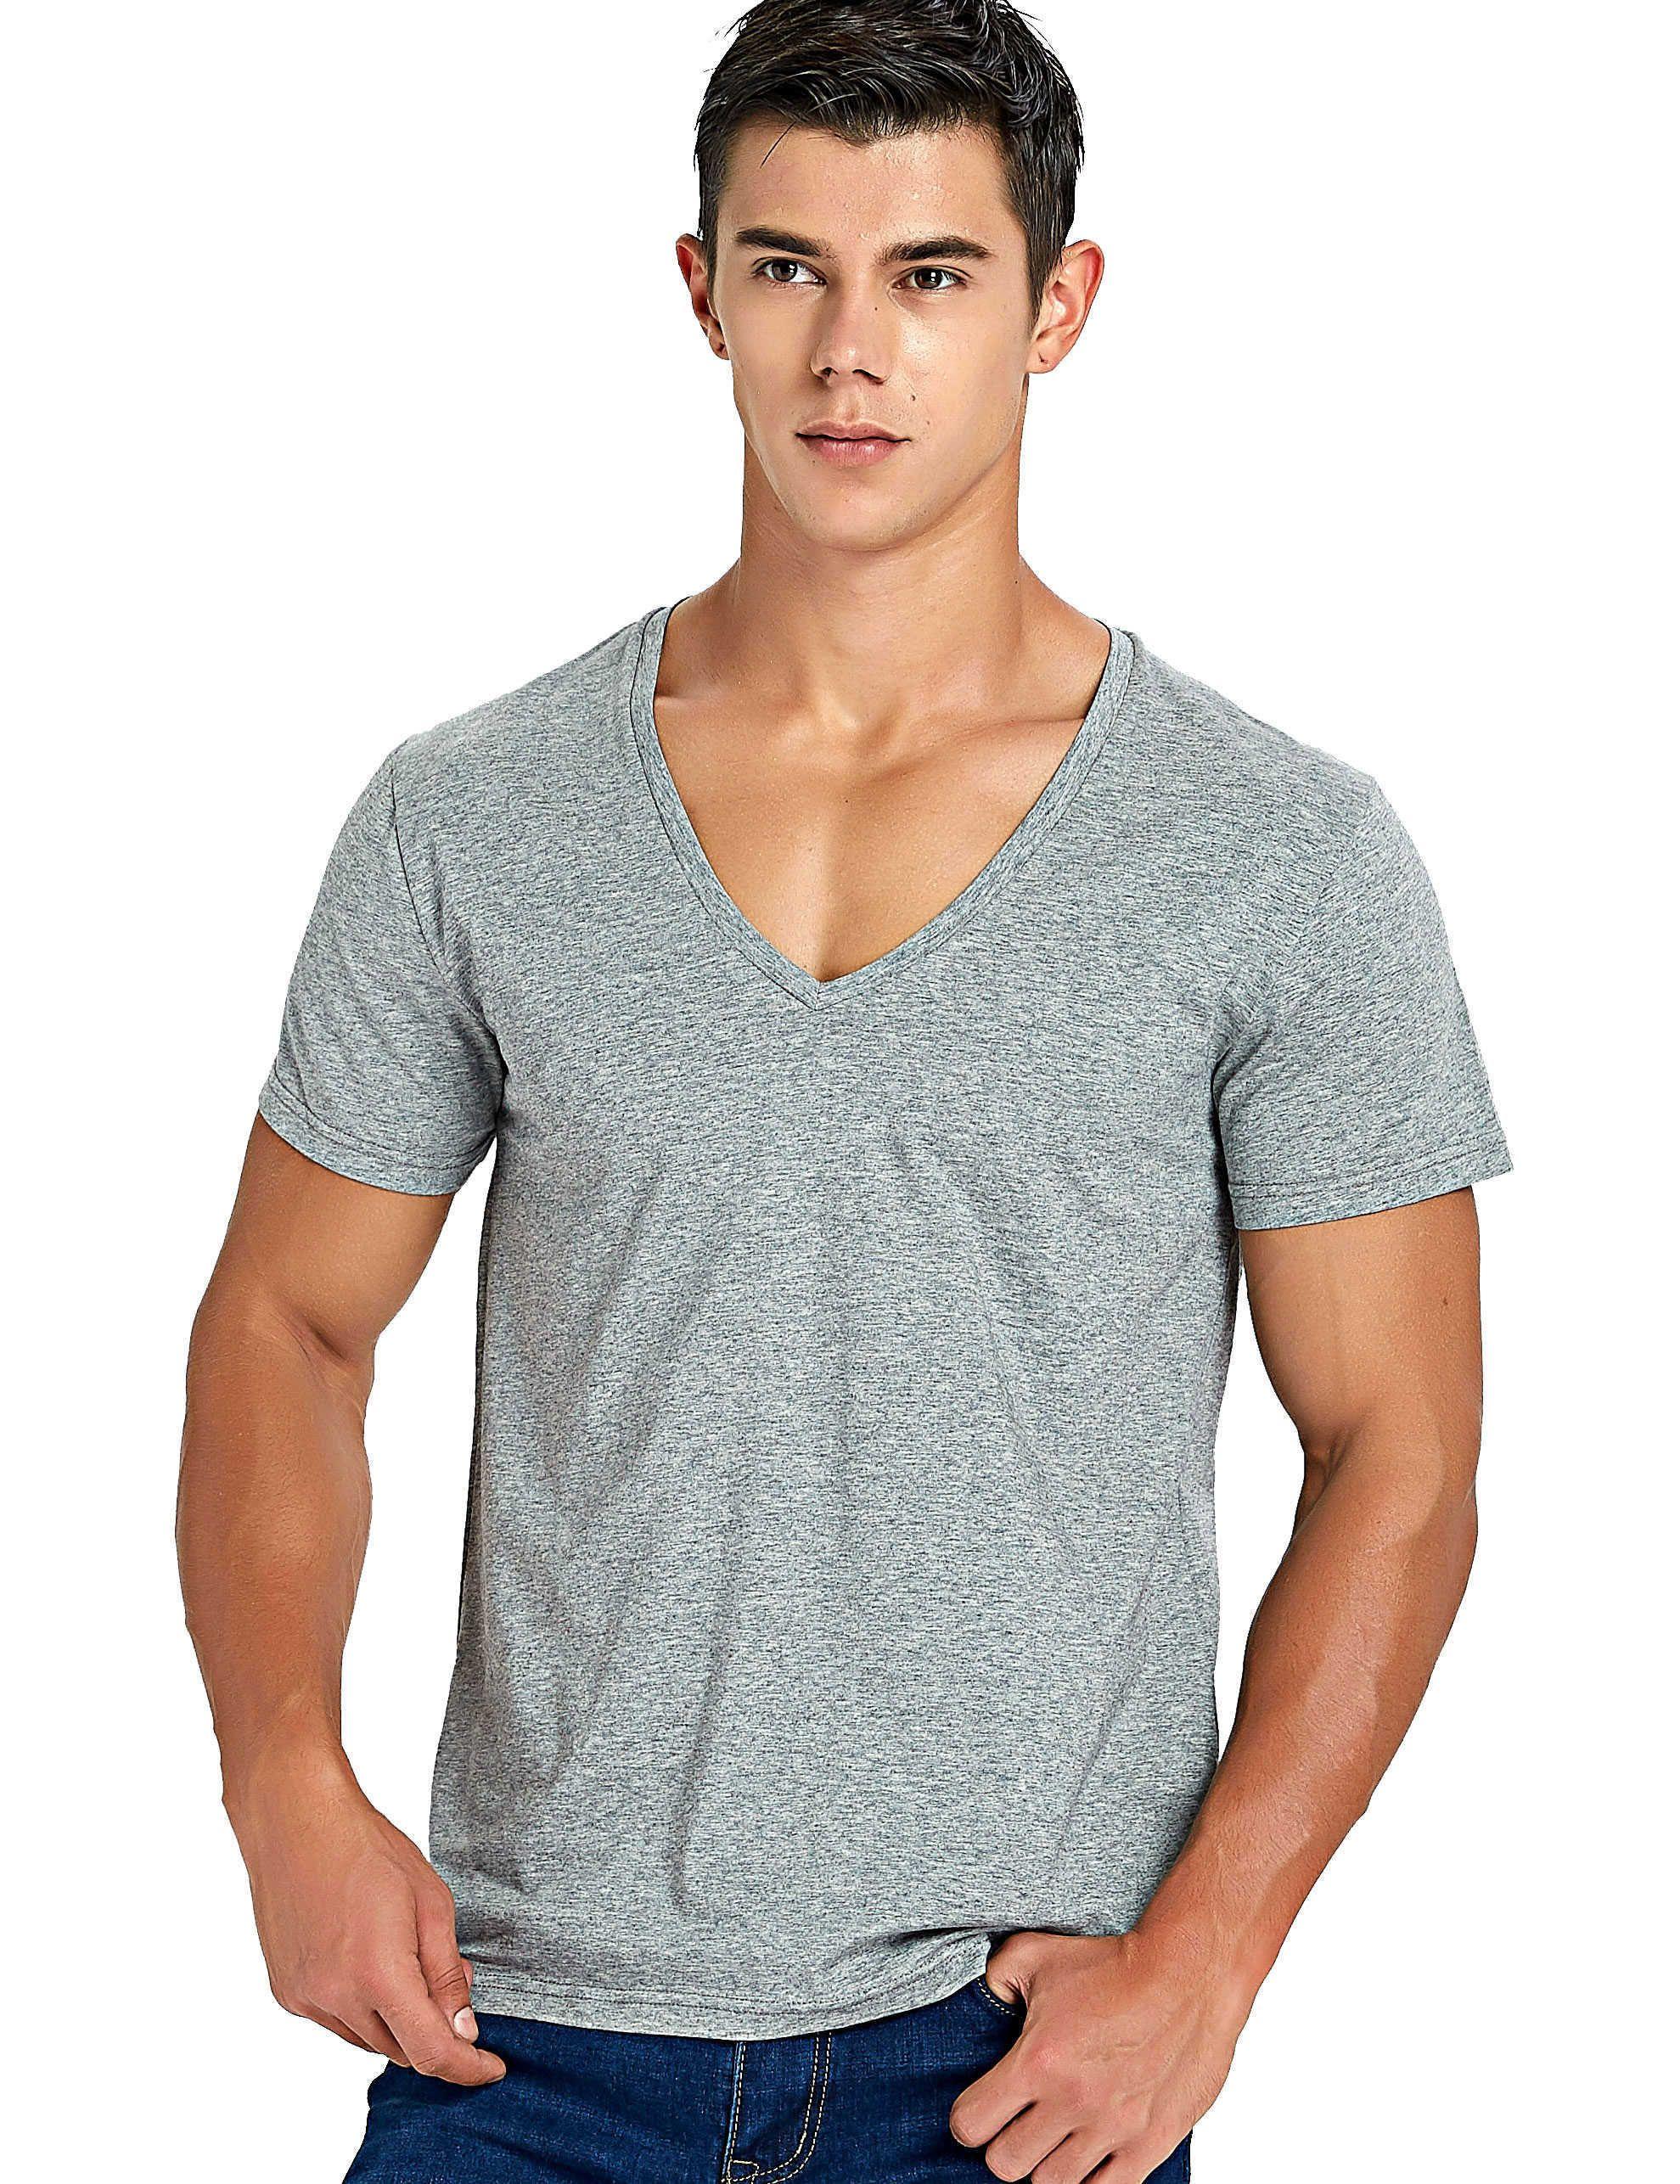 Estiramiento profundo cuello en V camiseta para los hombres de corte bajo Vneck Vee Top Tees Slim Fit manga corta moda masculina camiseta Invisible Undershirt C190420